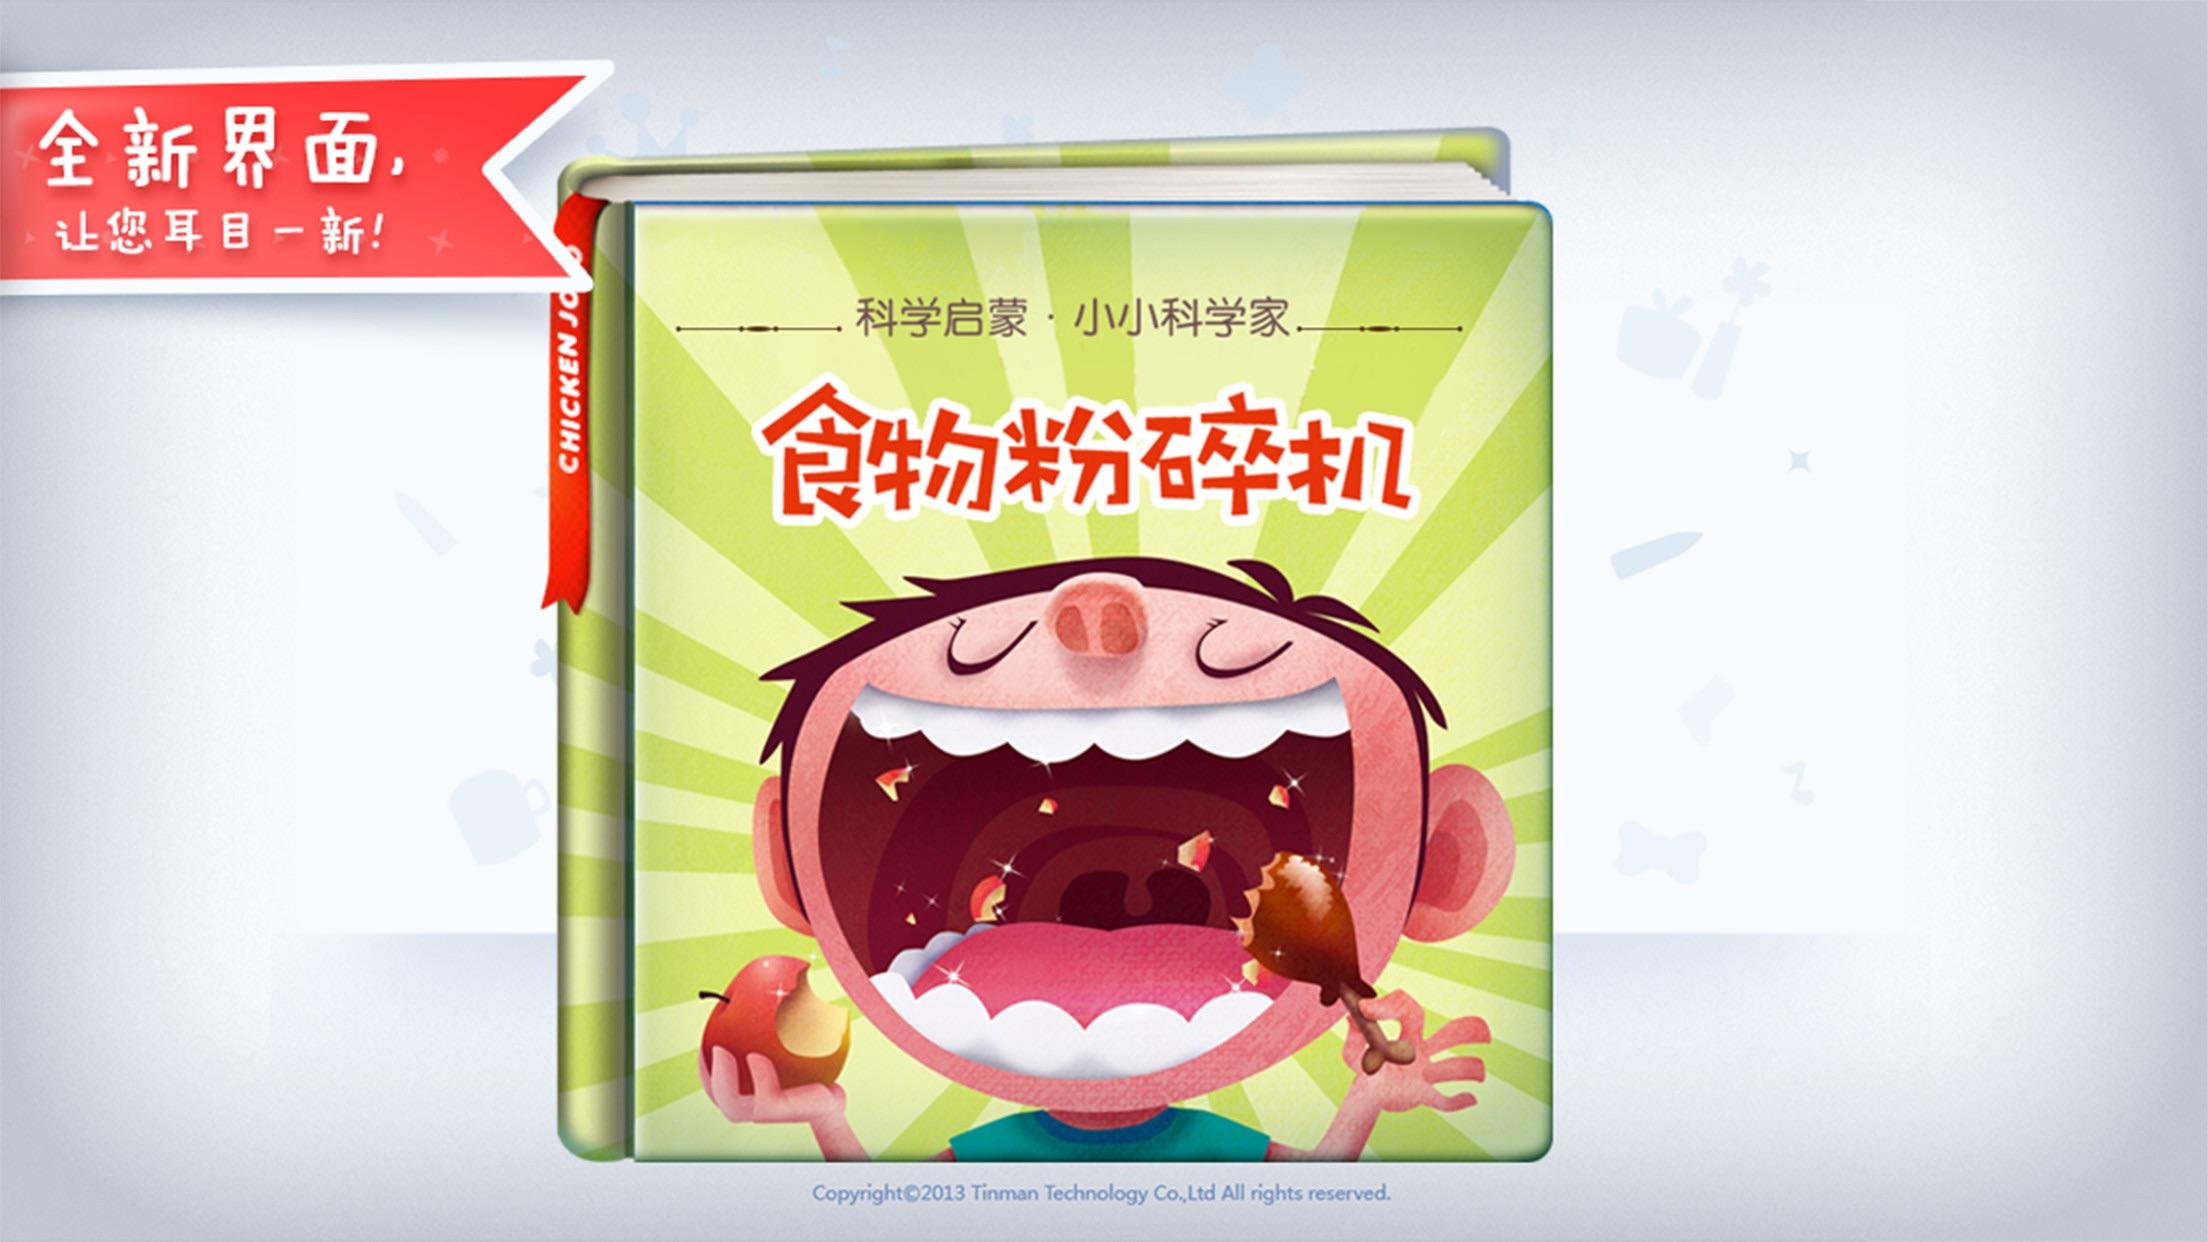 食物粉碎机-铁皮人儿童教育启蒙故事 Screenshot